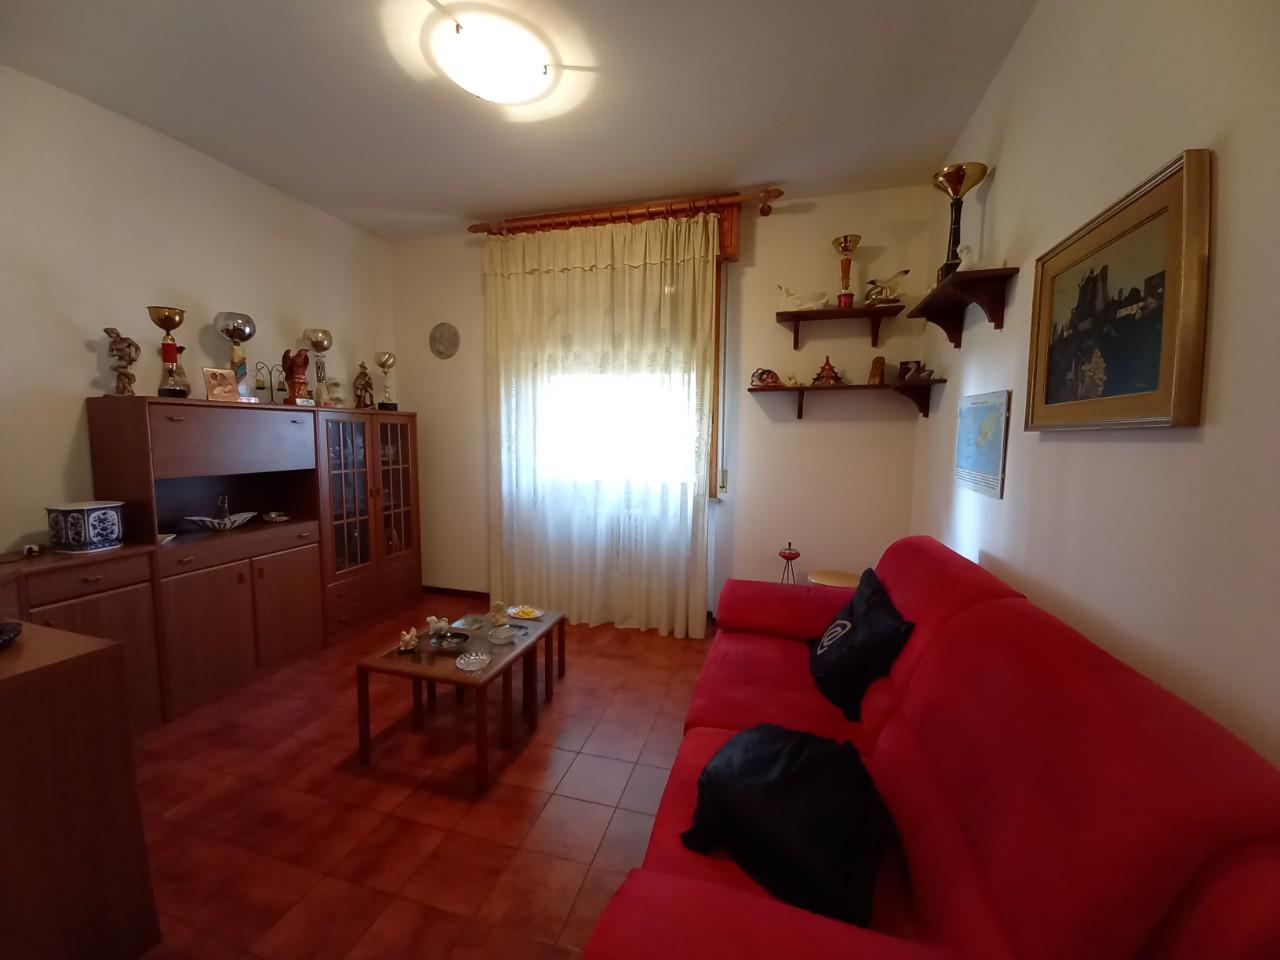 Appartamento in vendita Forli Zona Fiera